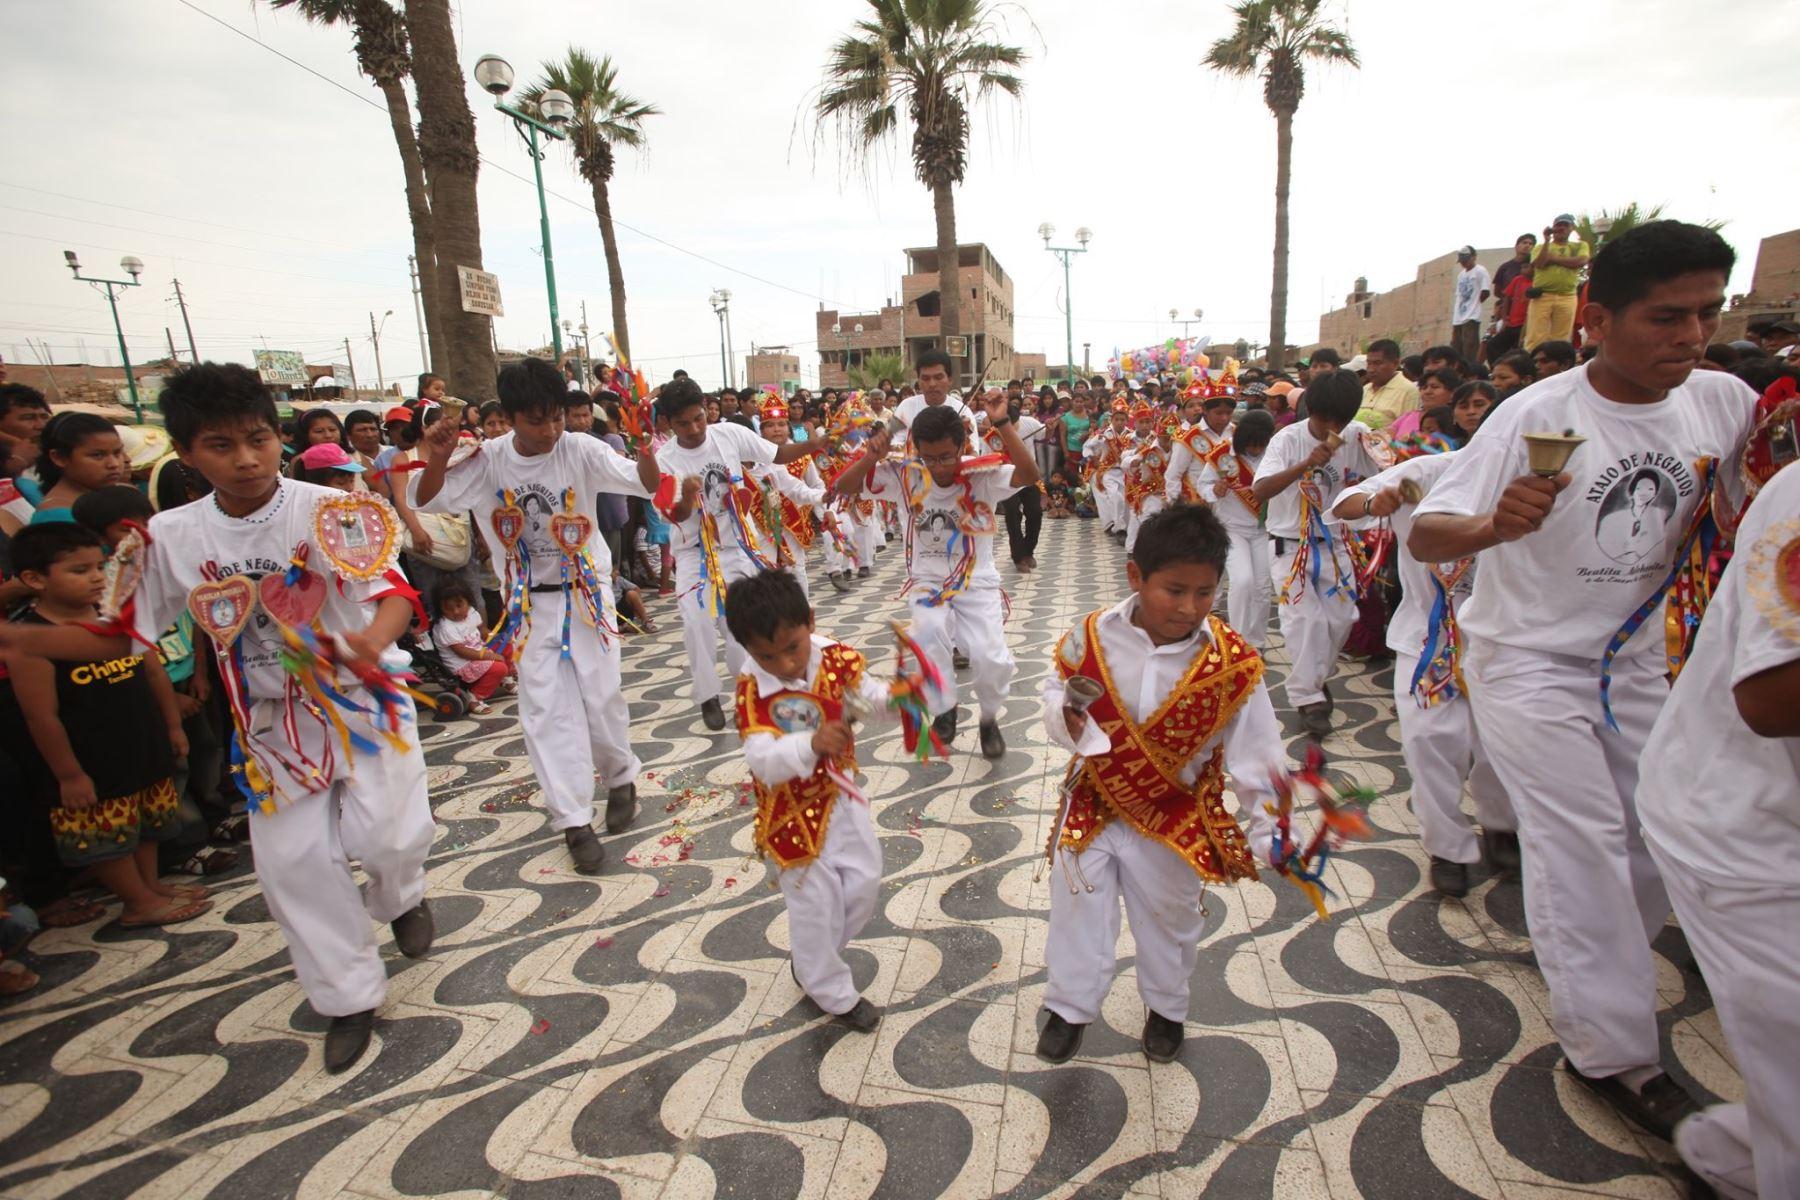 Unesco reconoció a Hatajo de Negritos y Las Pallitas, que se escenifican en Ica, como Patrimonio Cultural Inmaterial de la Humanidad. ANDINA/Difusión